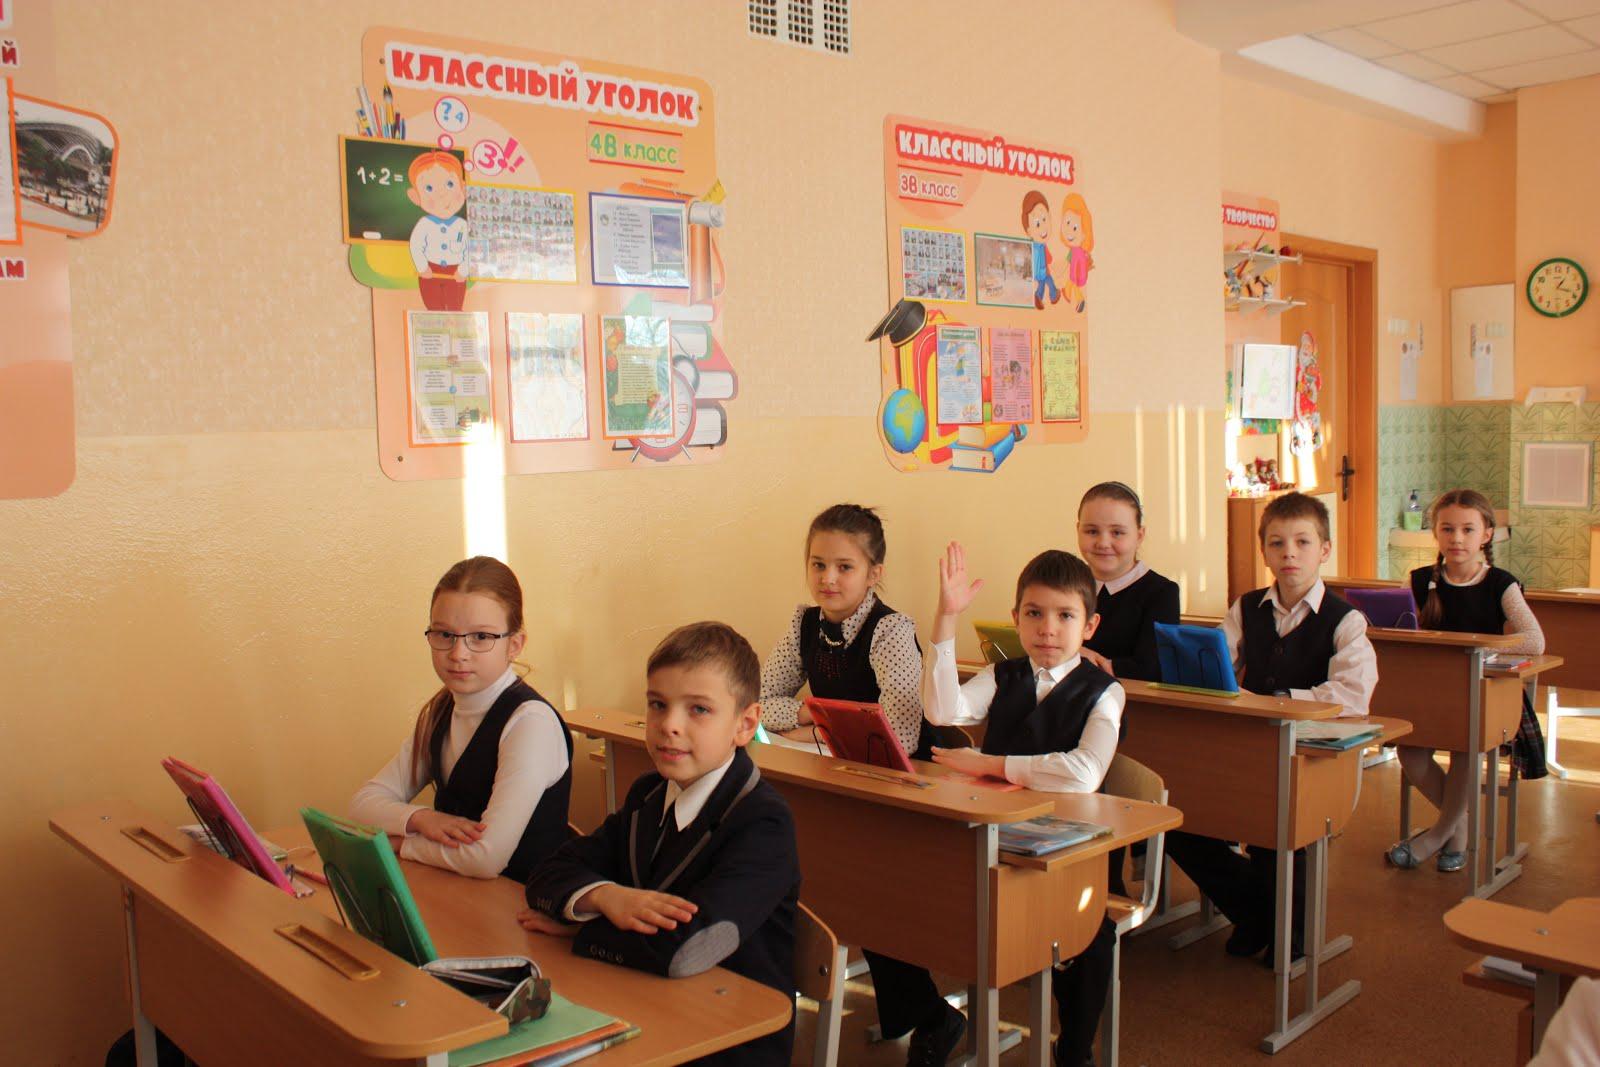 Контрольный устный счет для 3 класса 2 четверти в нач.класса беларусских школ